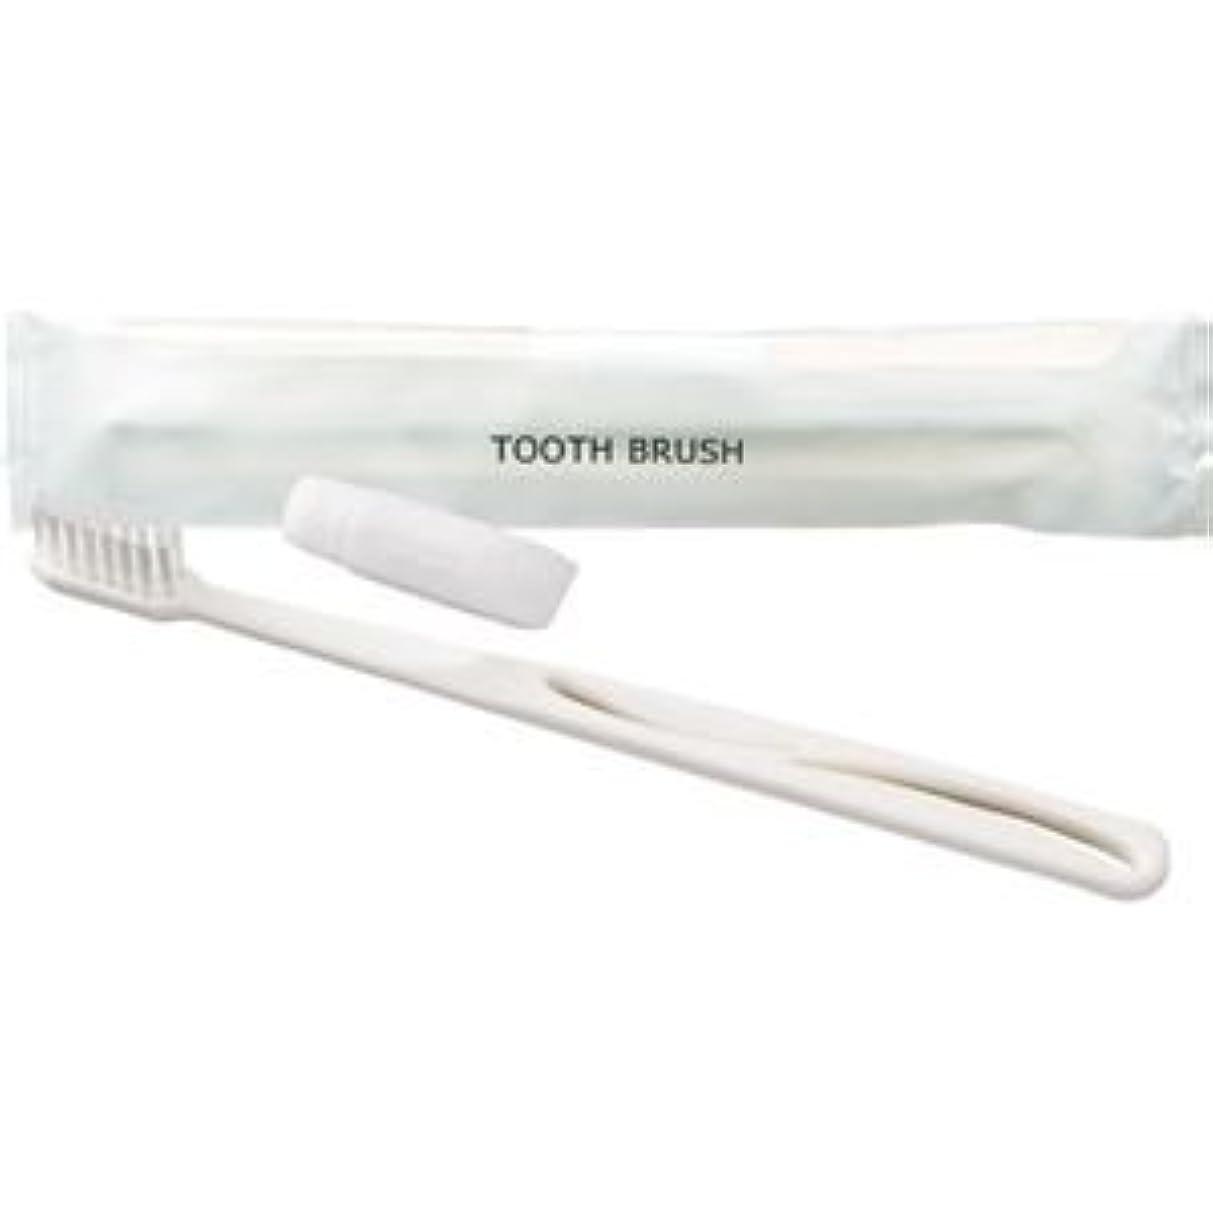 興奮リビジョン発症(まとめ) 歯ブラシセット 1セット(50個) 【×3セット】